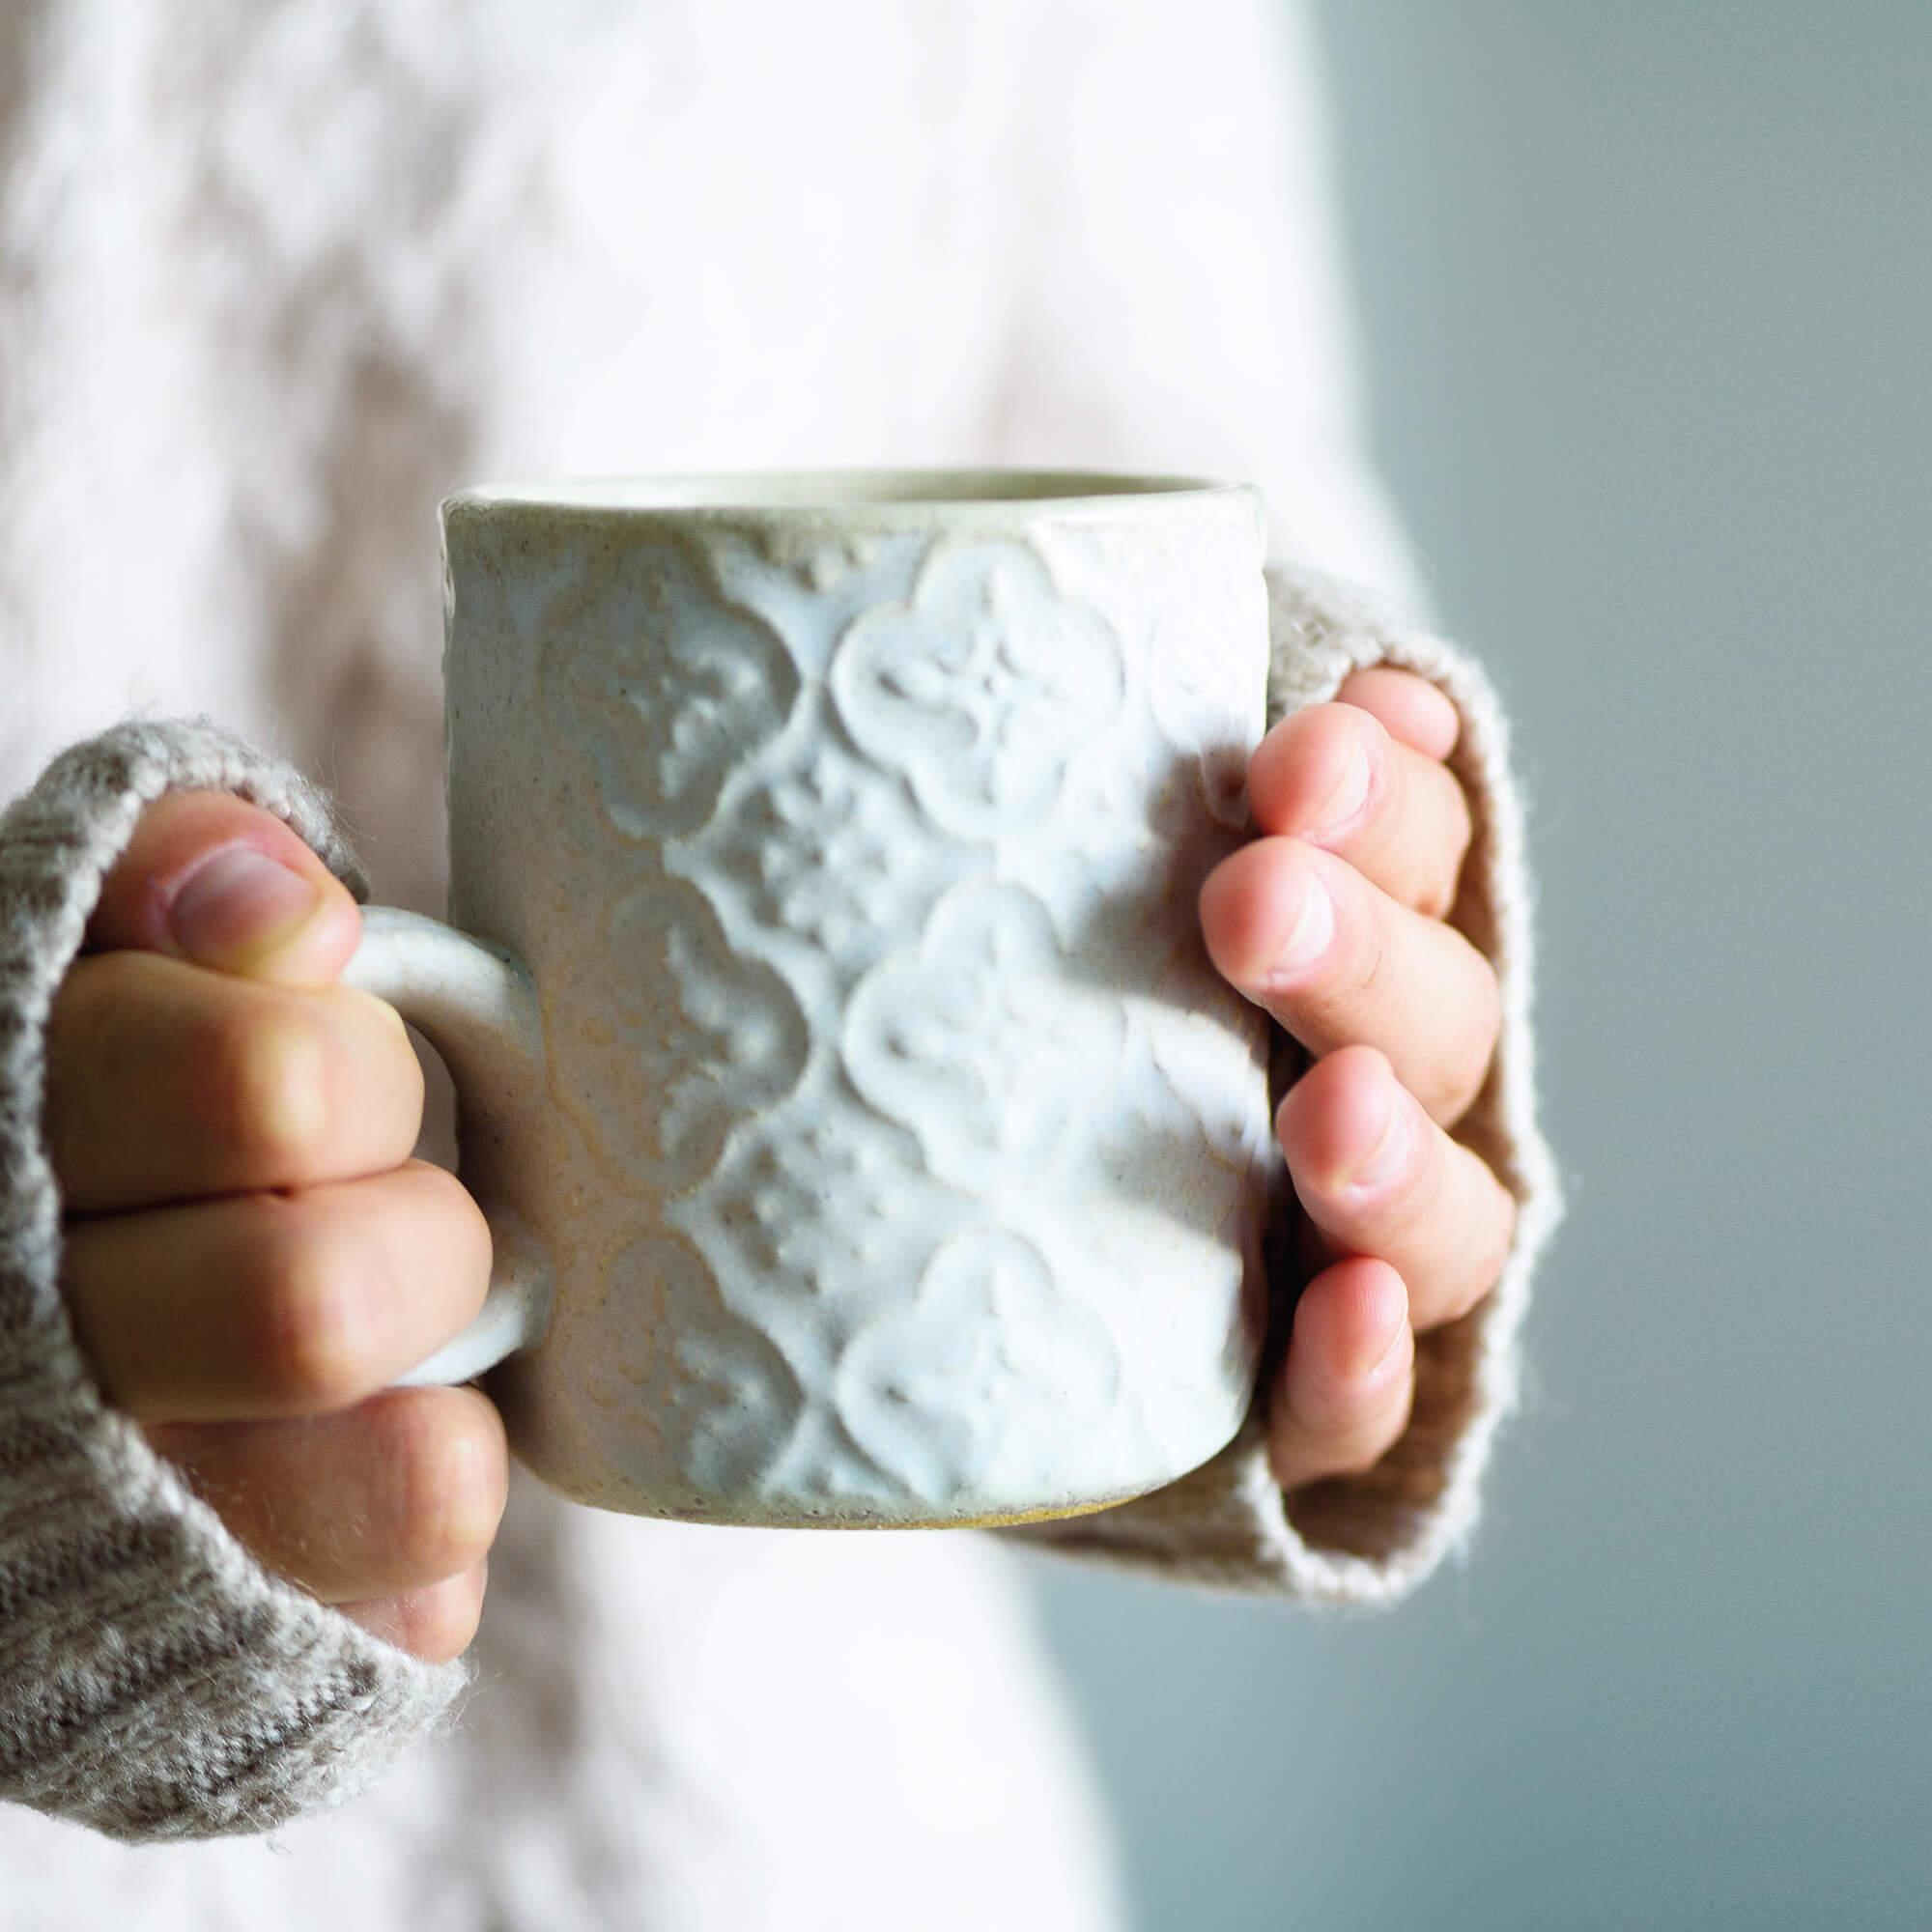 A girls hands holding a mug